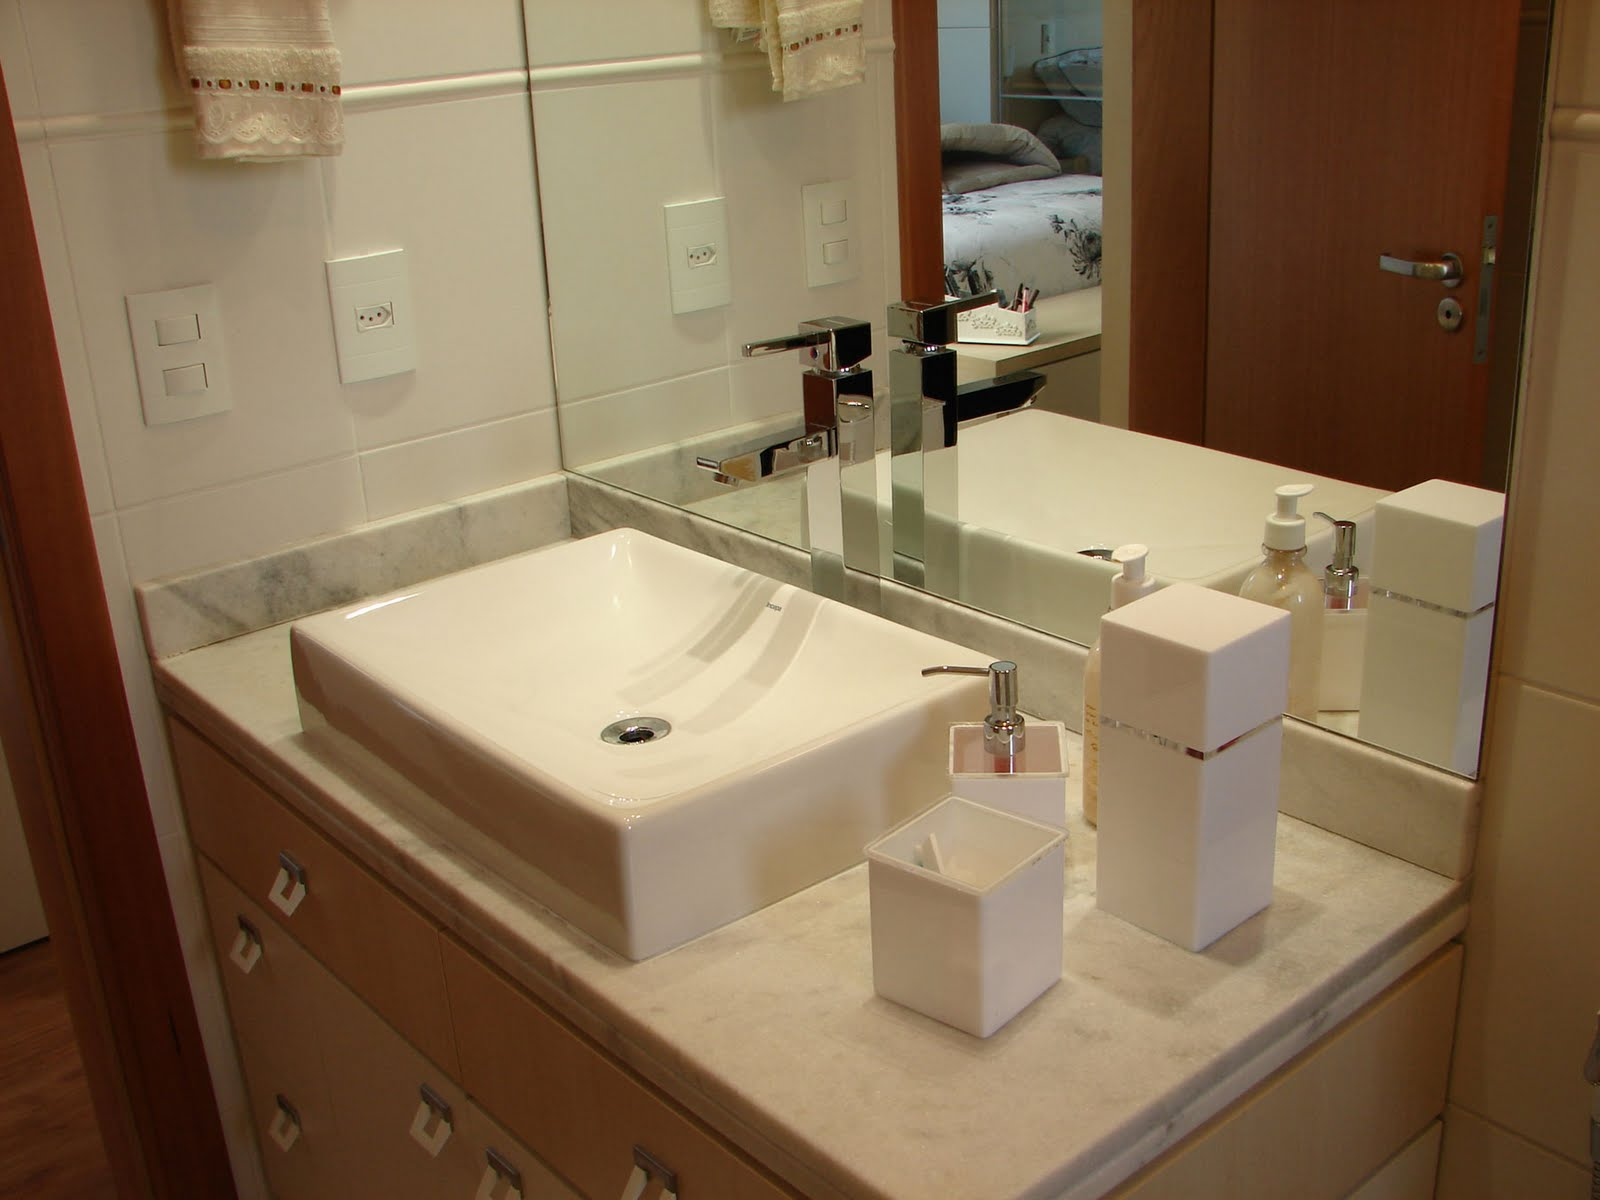 : Arquitetura de Interiores: Banheiros. Reciclando ambientes #442410 1600x1200 Bancada Banheiro Duas Cubas